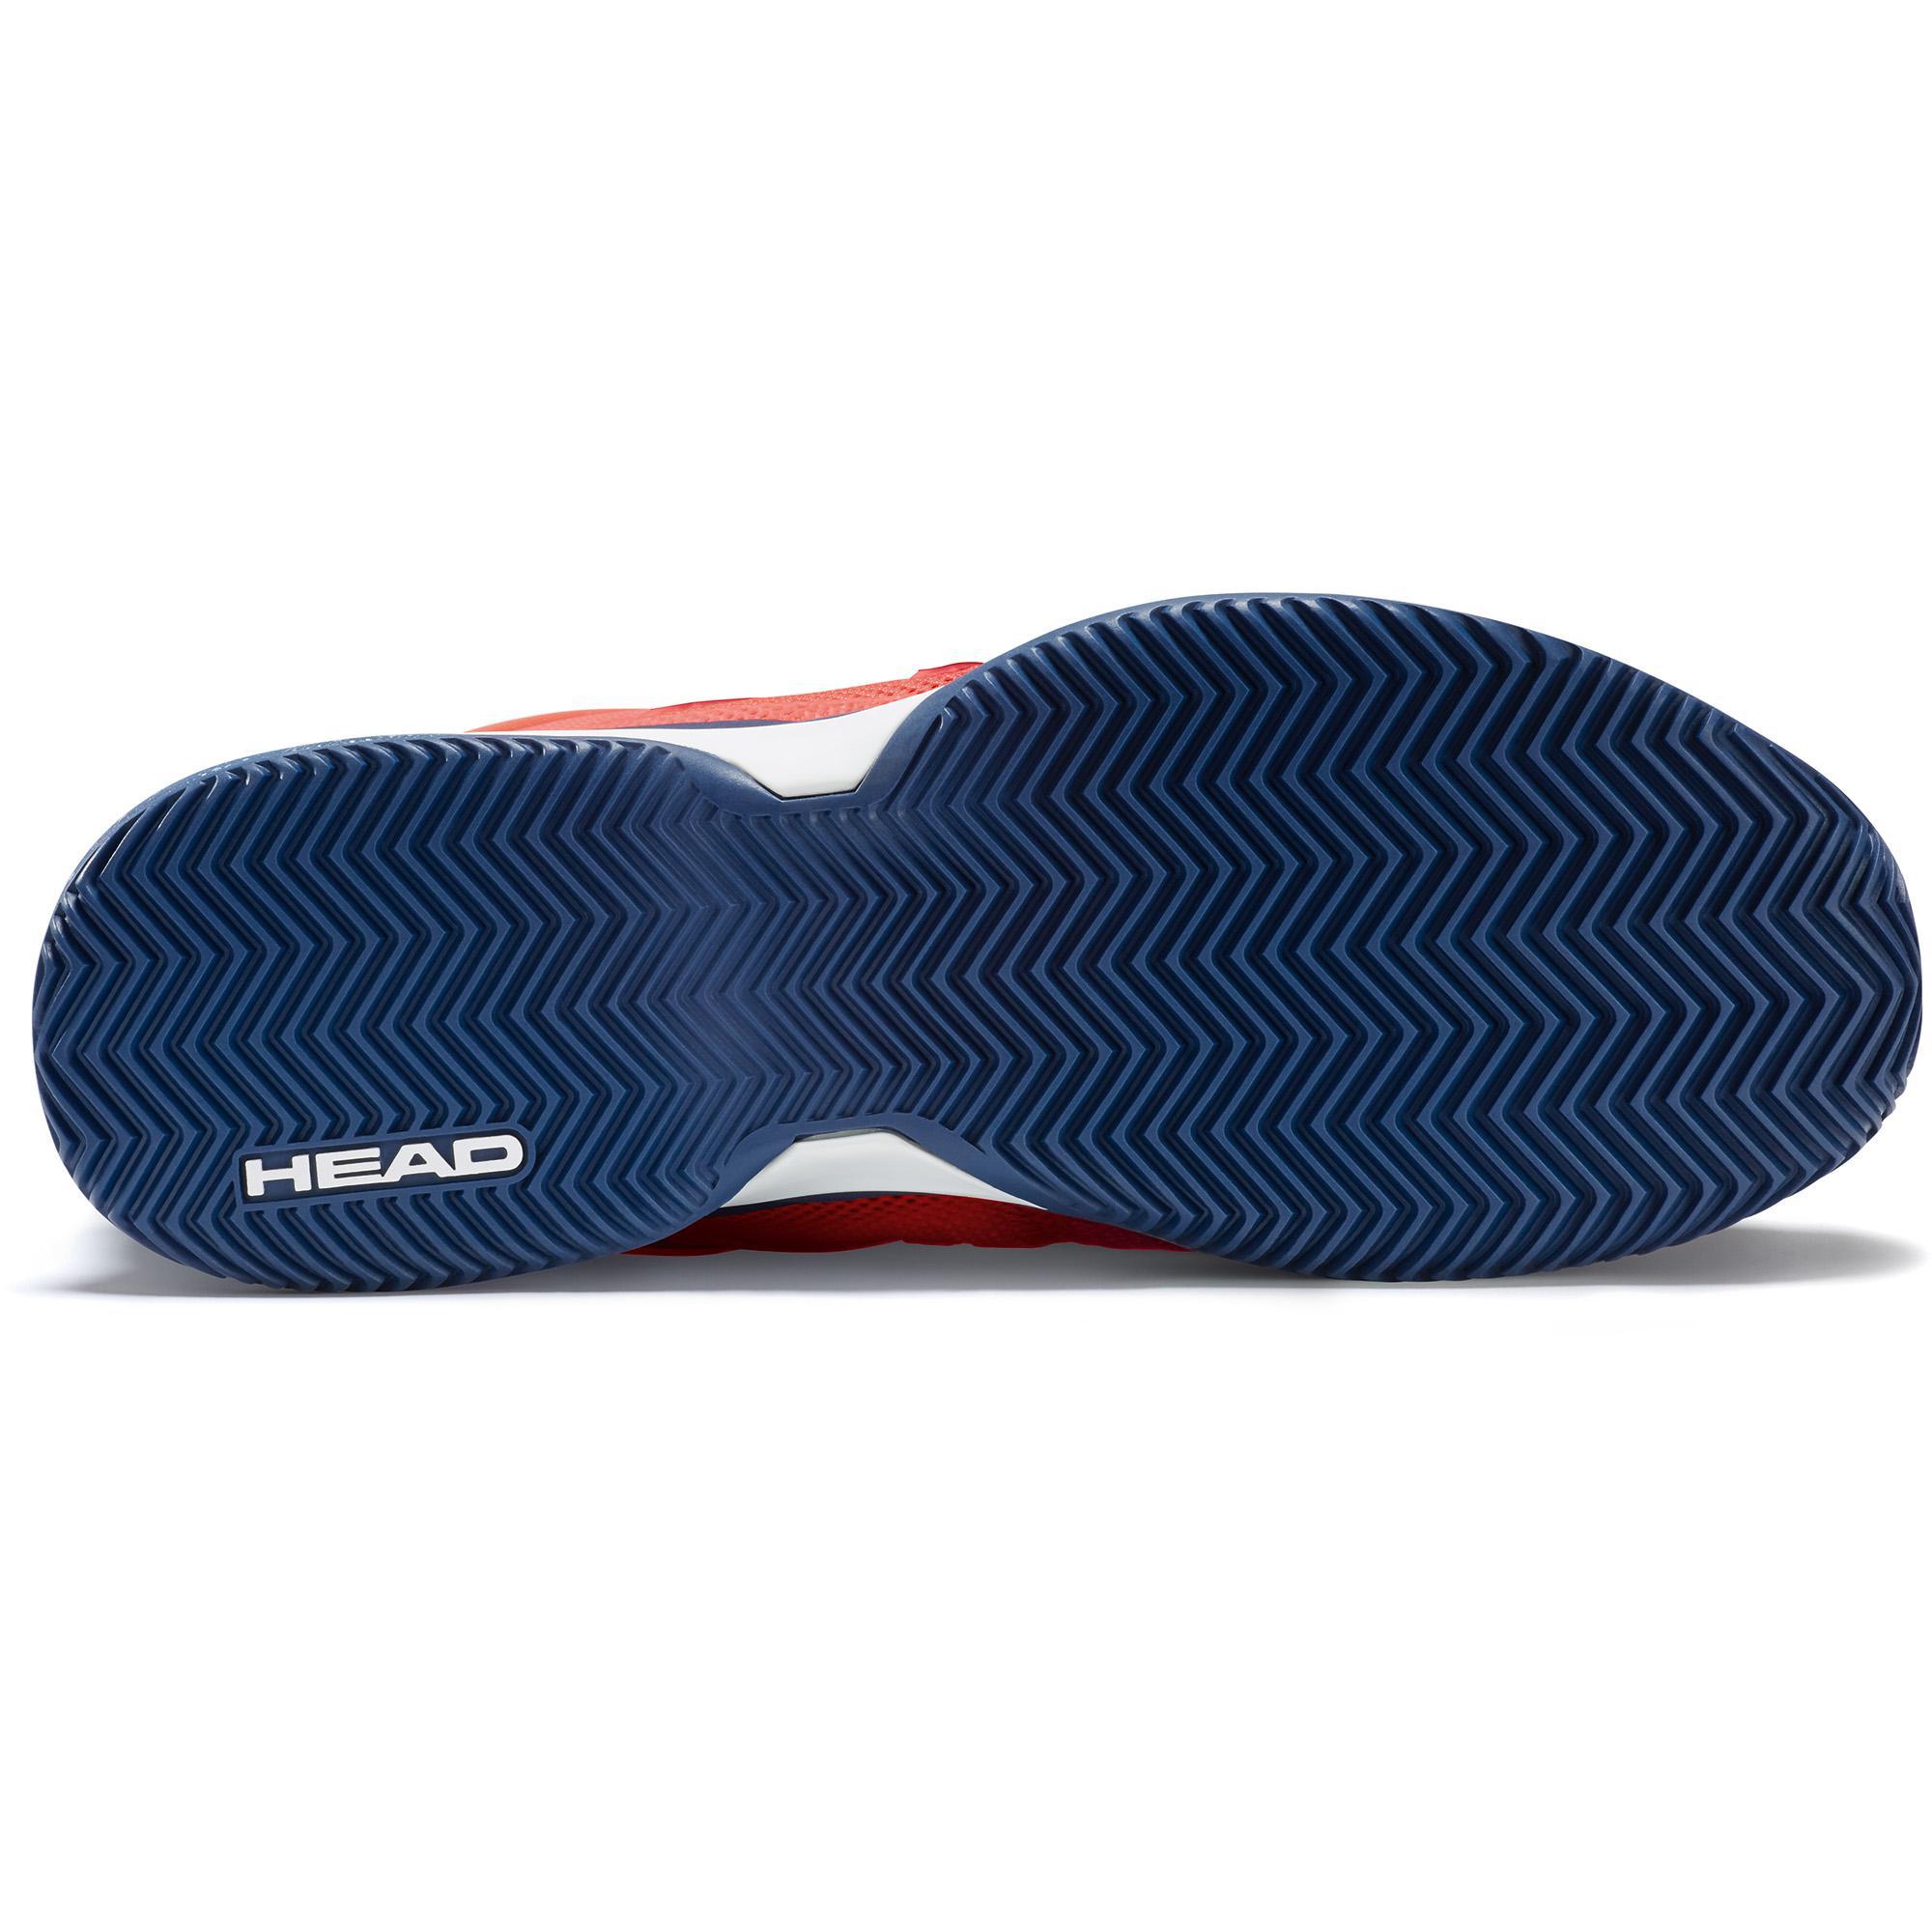 bed8c75c8 Head Mens Revolt Pro 2.5 Clay Court Tennis Shoes - Blue Flame Orange ...